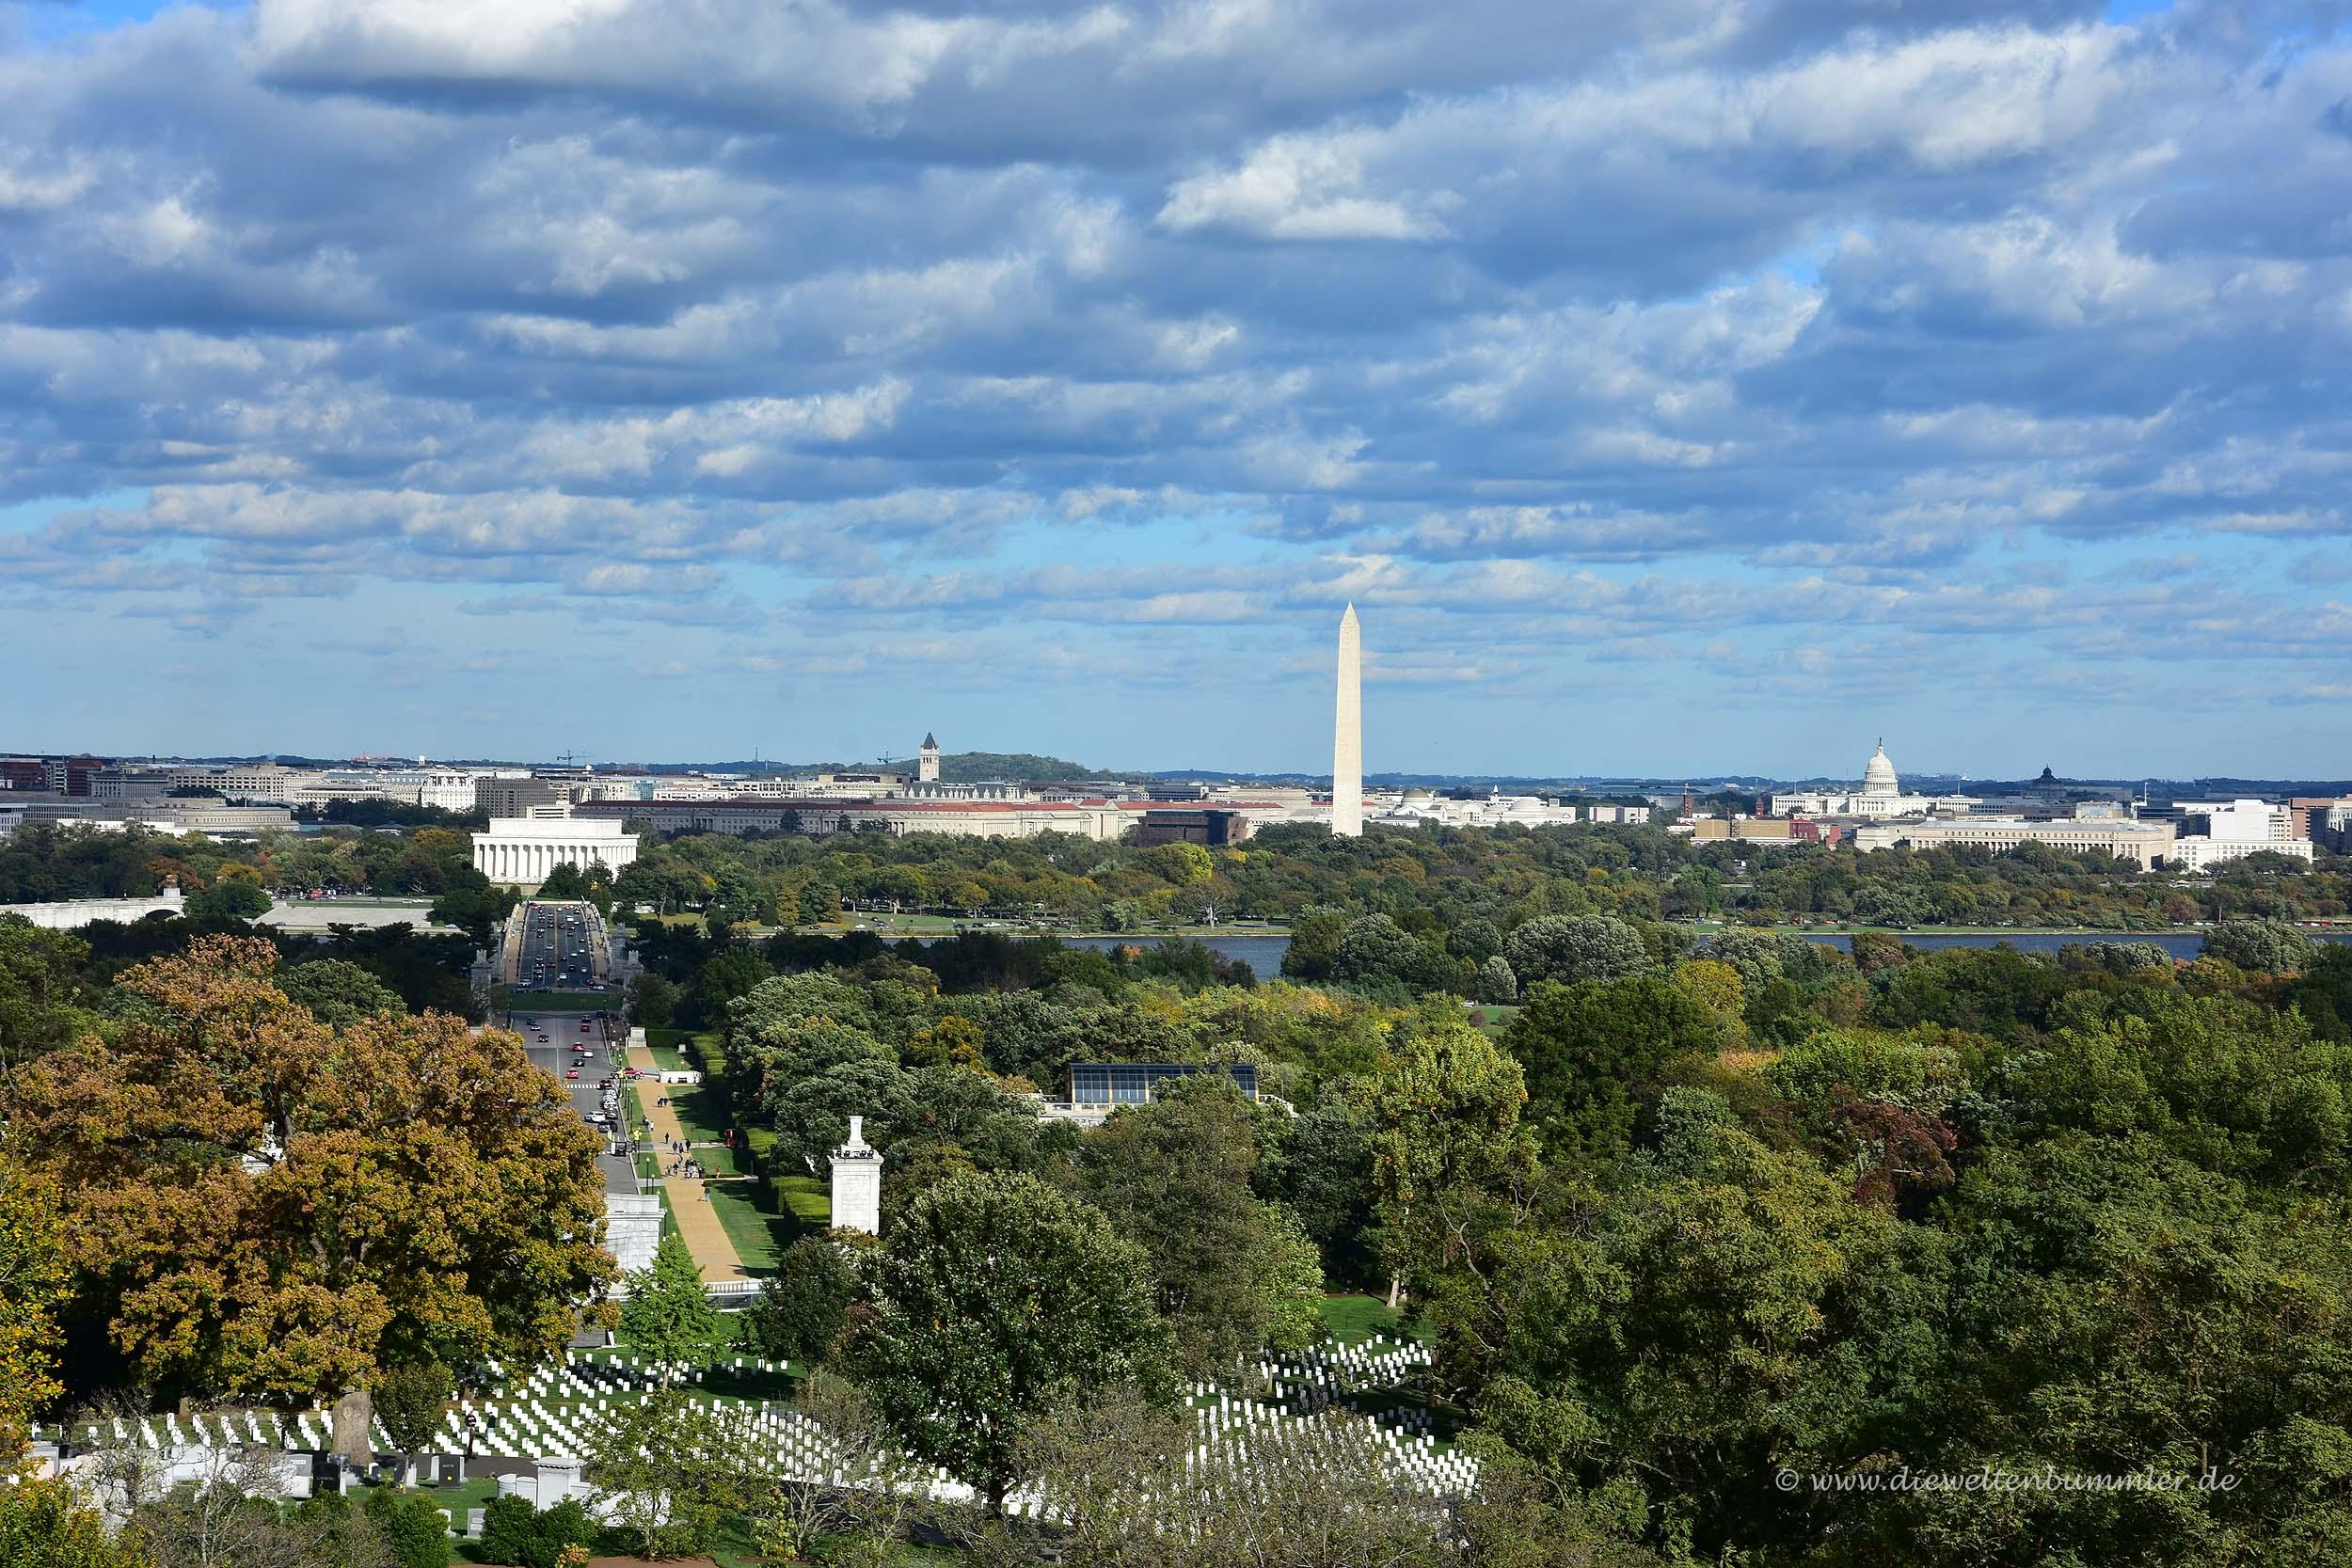 Vorne die Gräber und hinten Washington